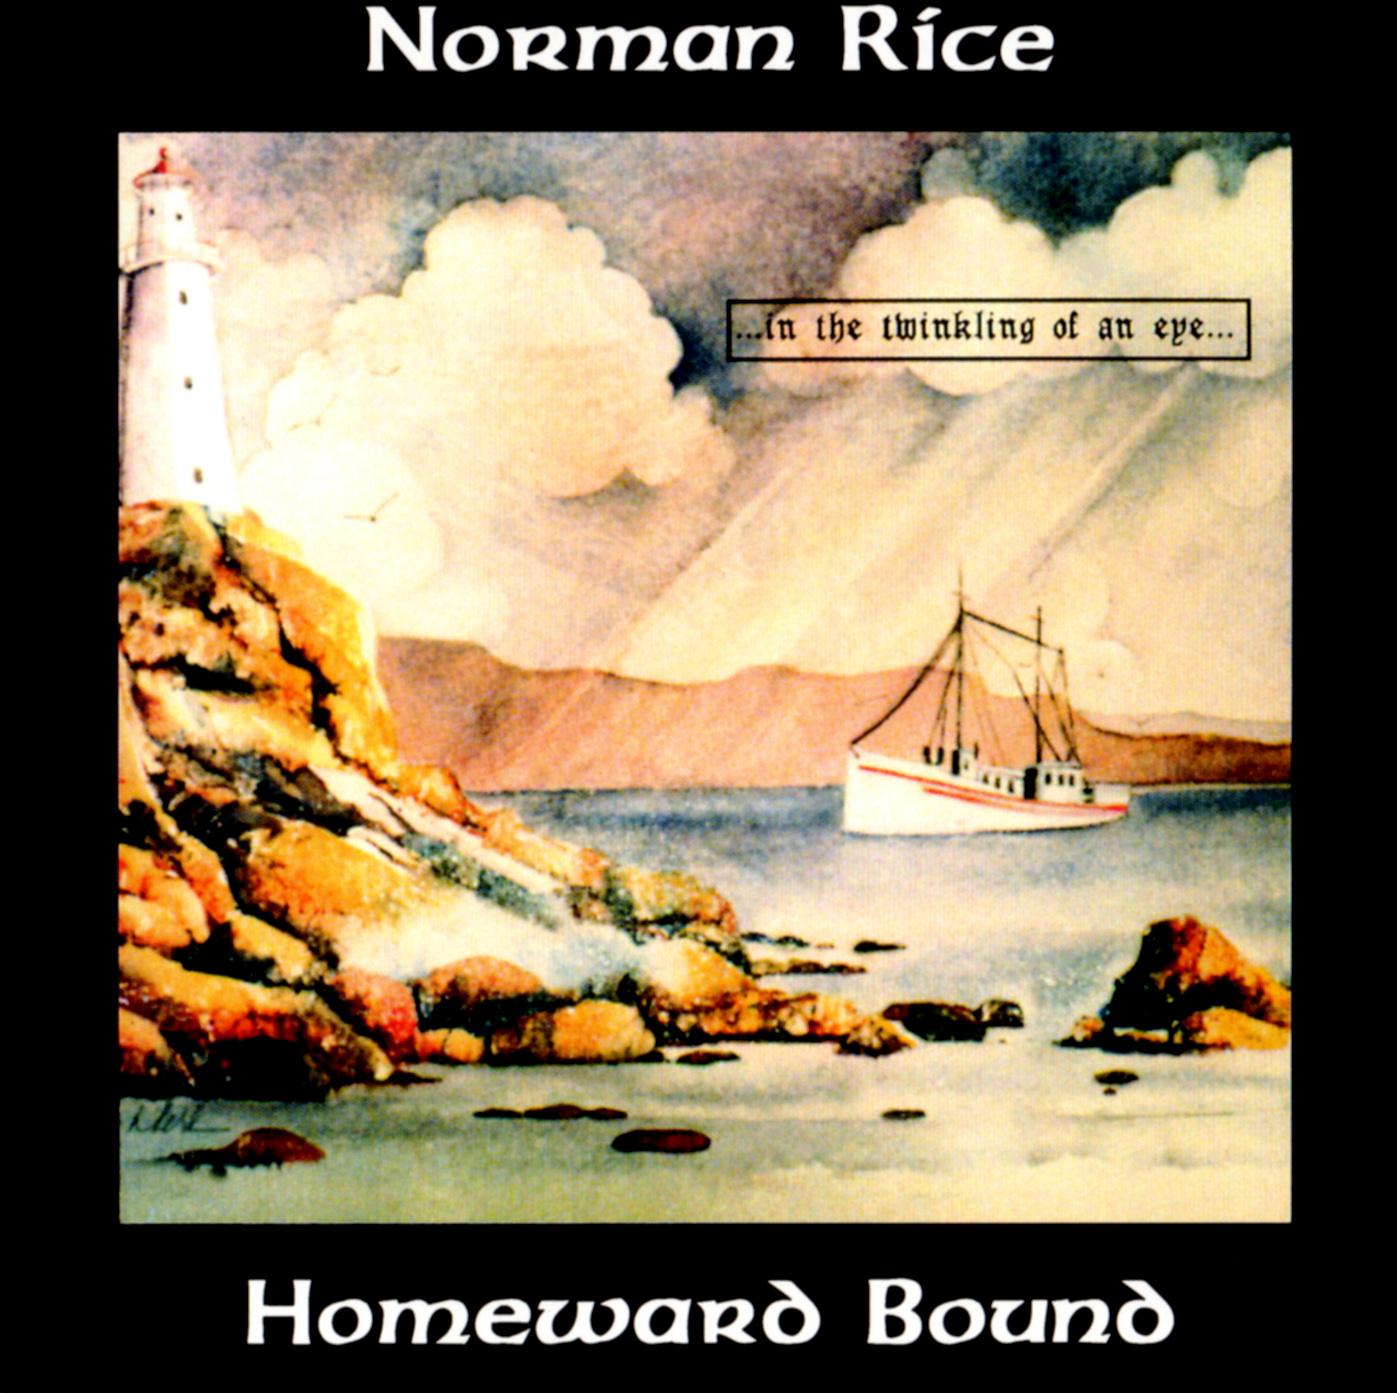 Norman Rice - Homeward Bound